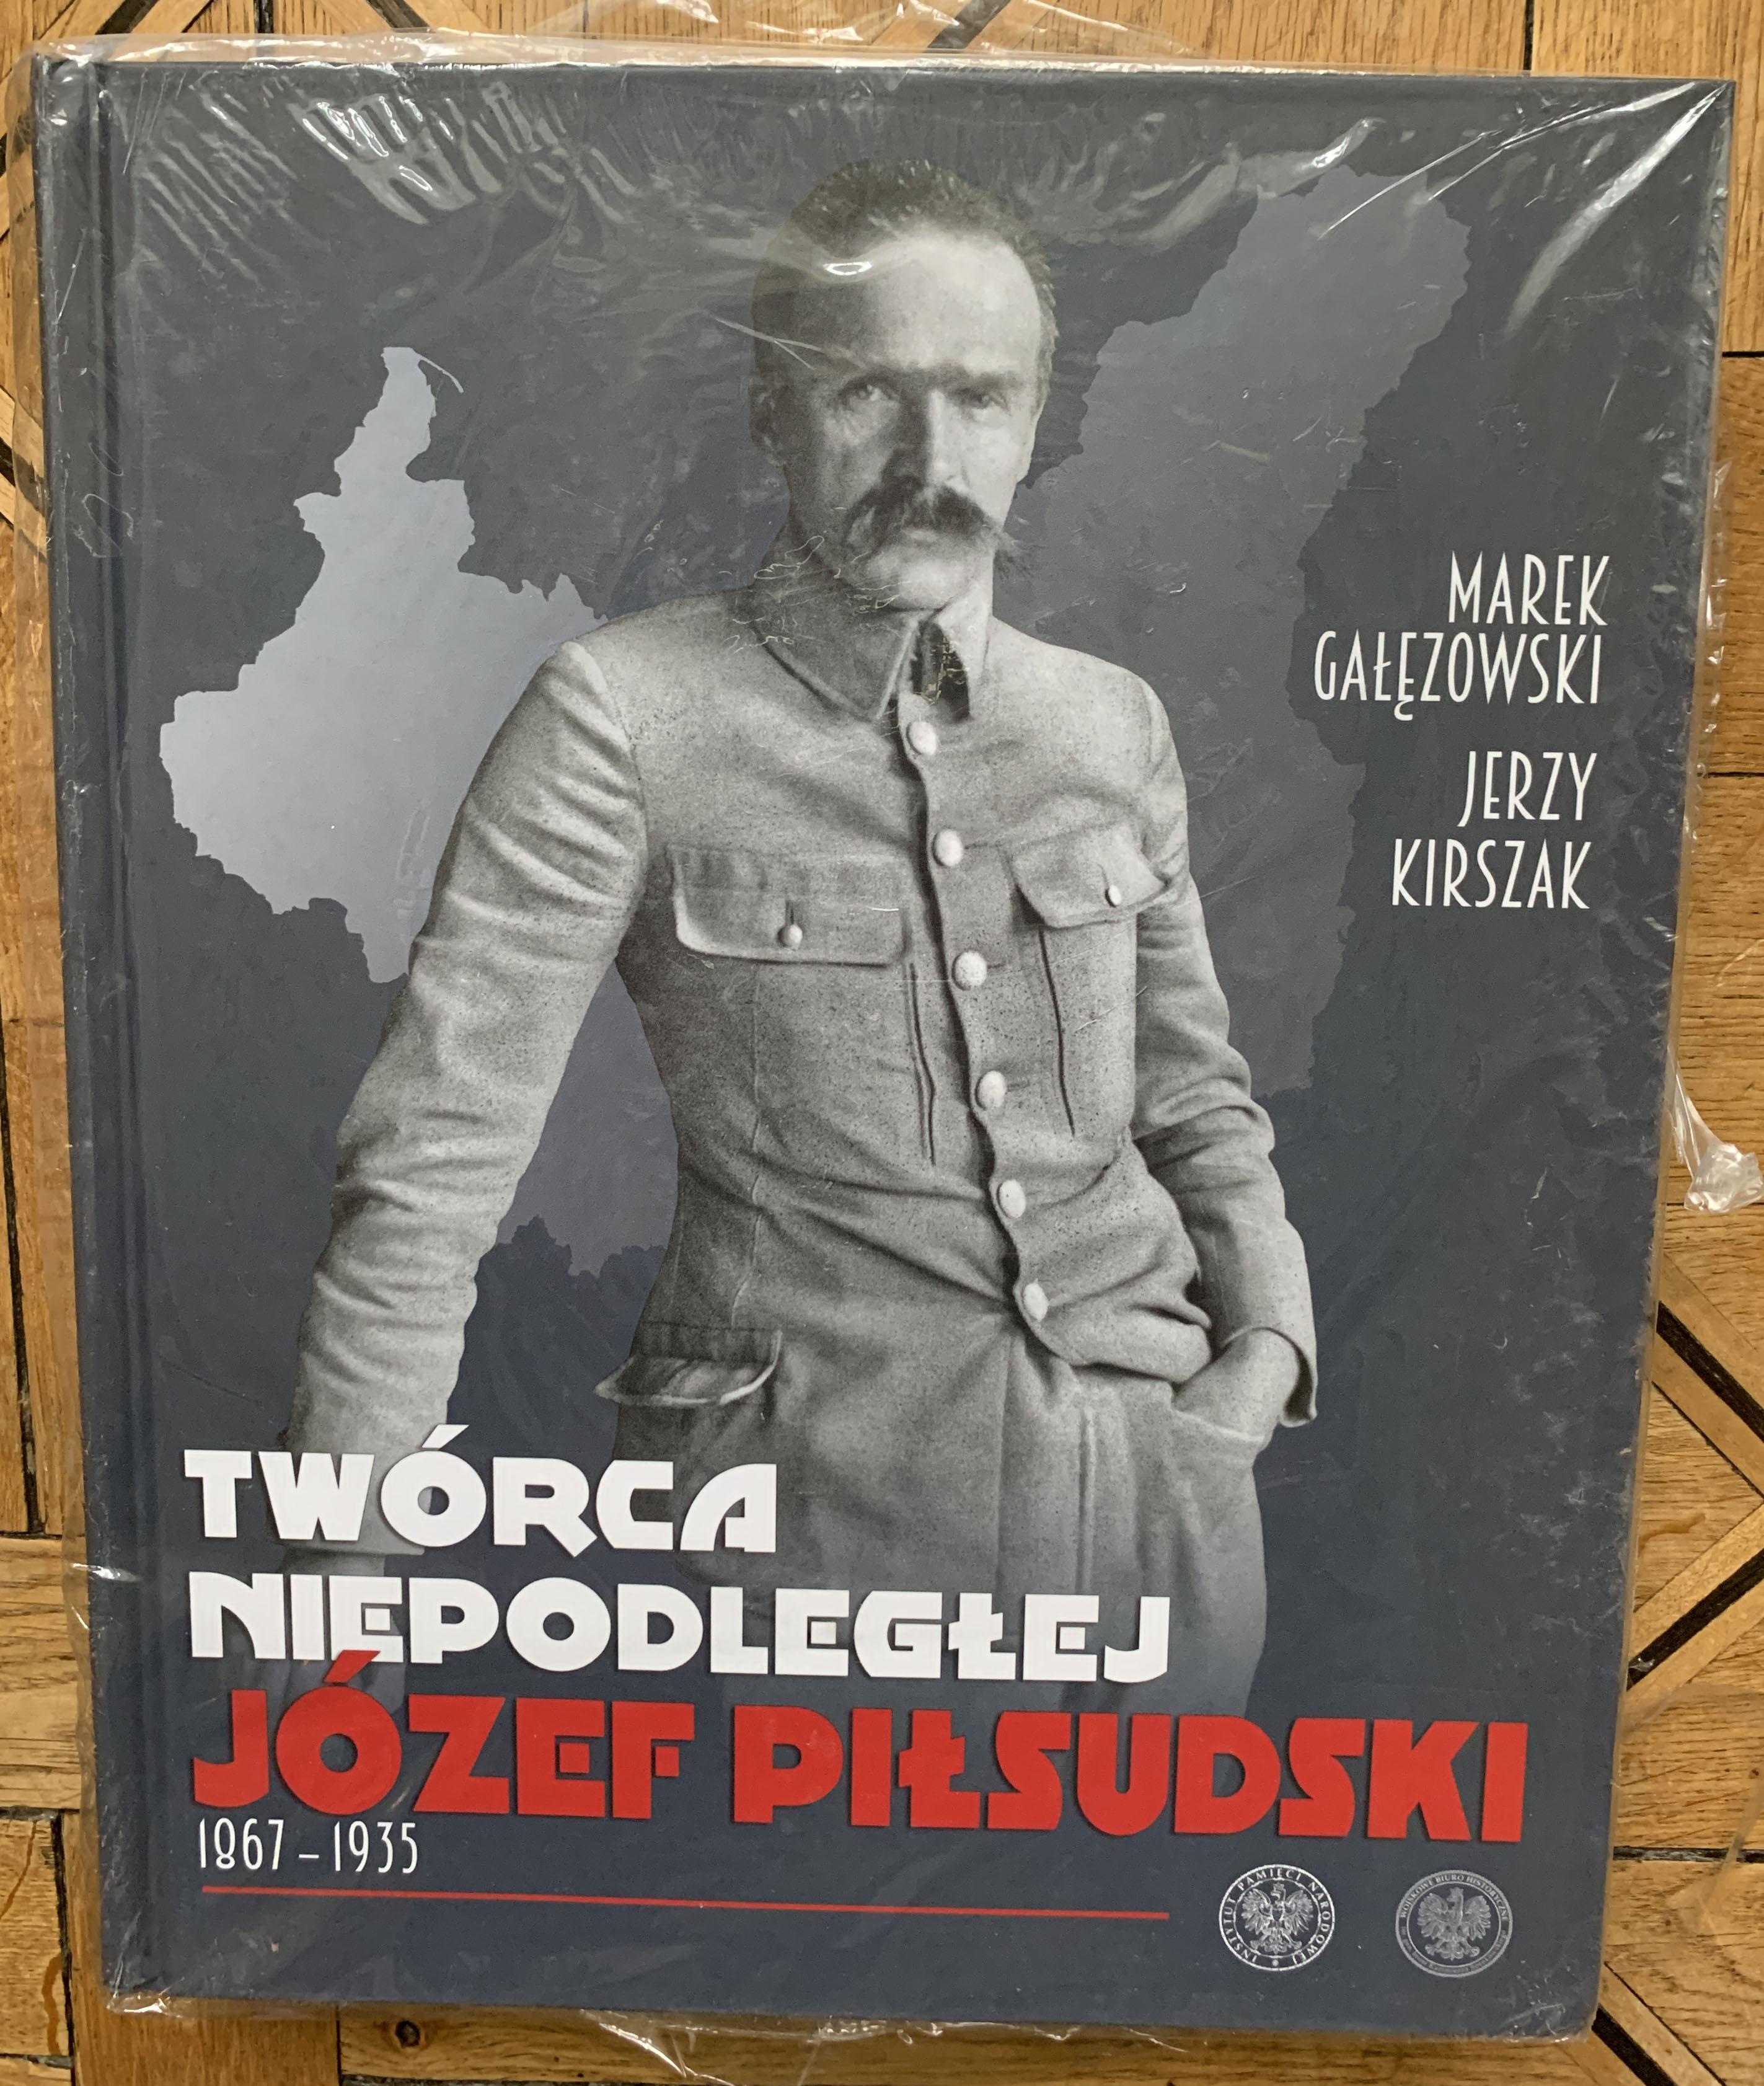 Marek Gałęzowski, Jerzy Kirszak